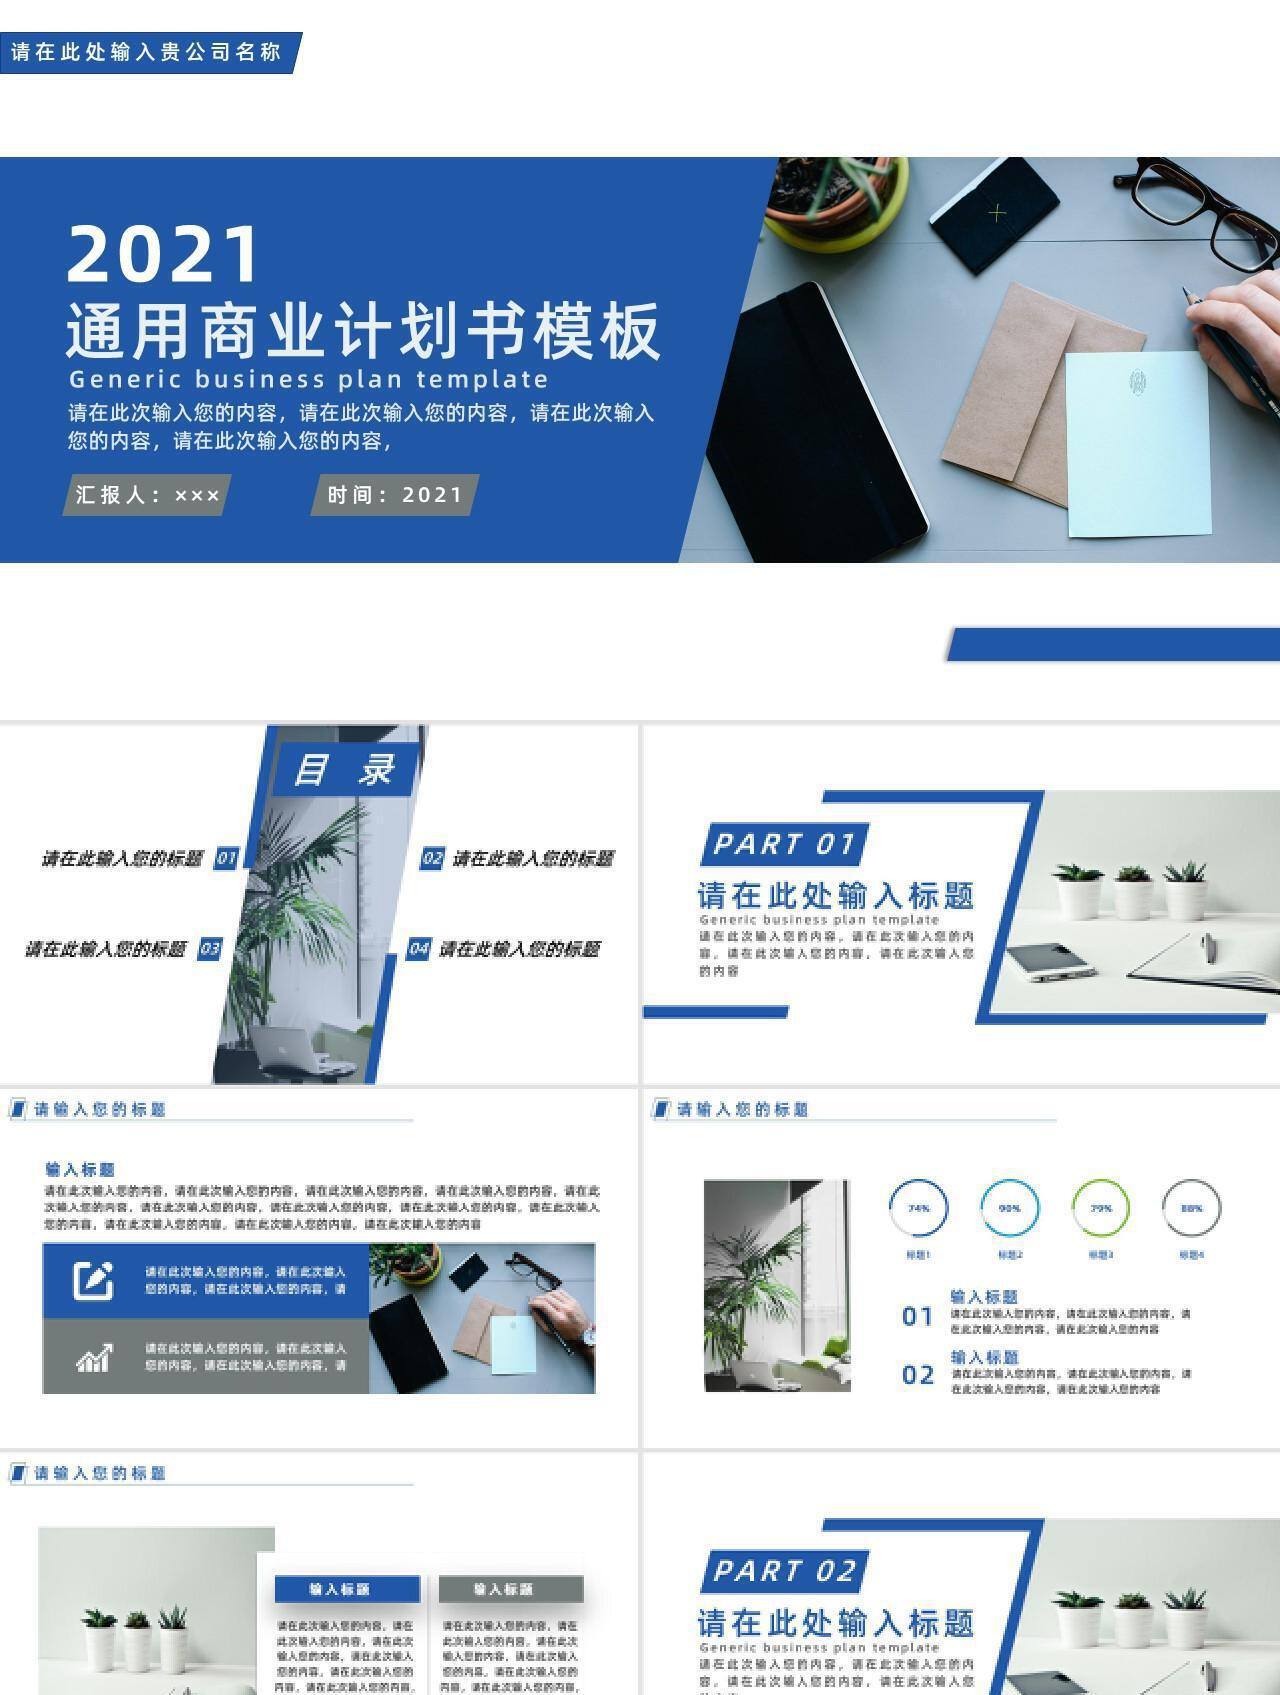 蓝色简约风通用商业计划书PPT模板